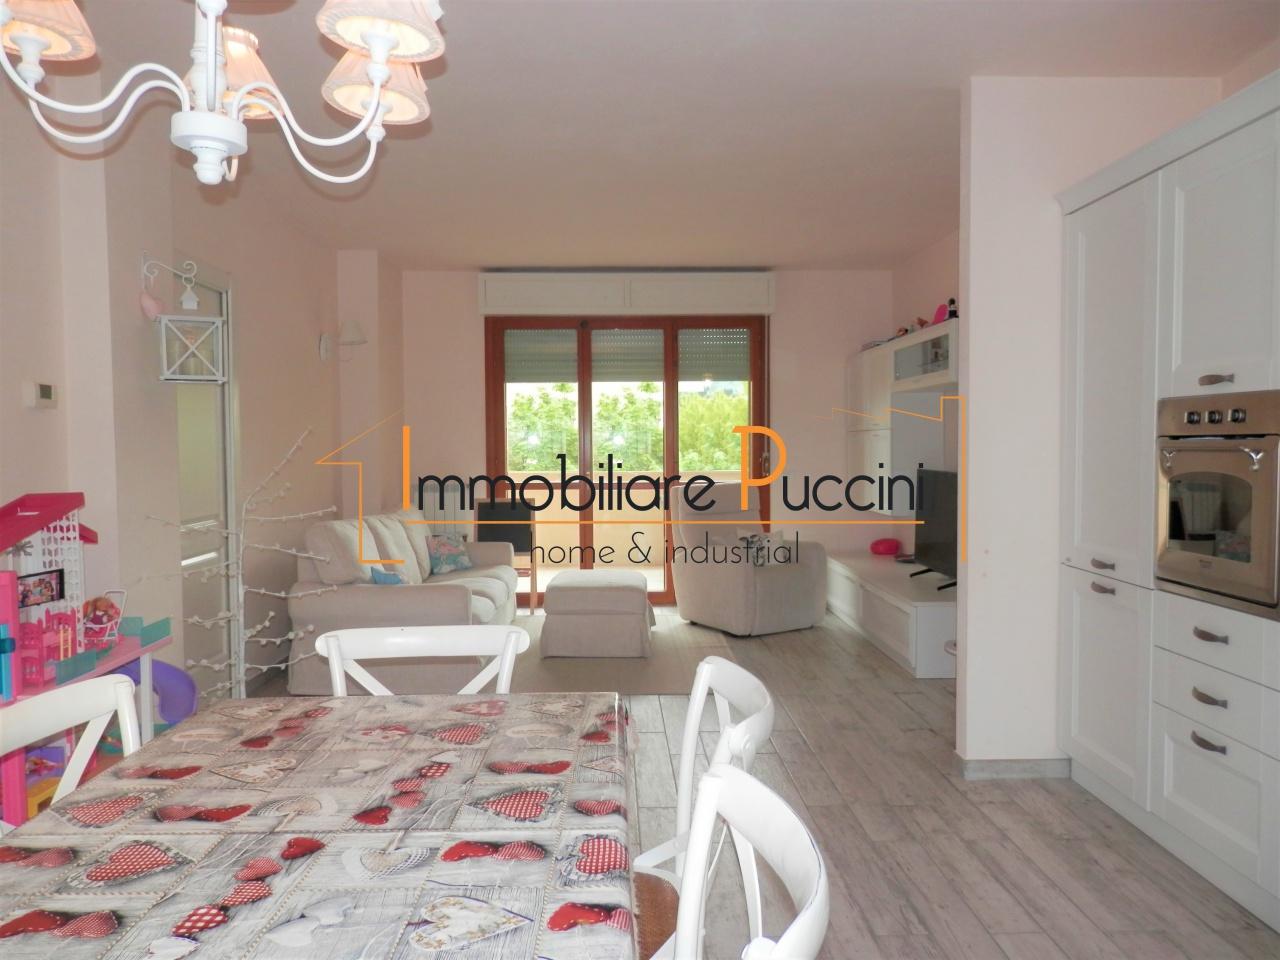 Appartamento in vendita a Calenzano, 4 locali, prezzo € 287.000   CambioCasa.it